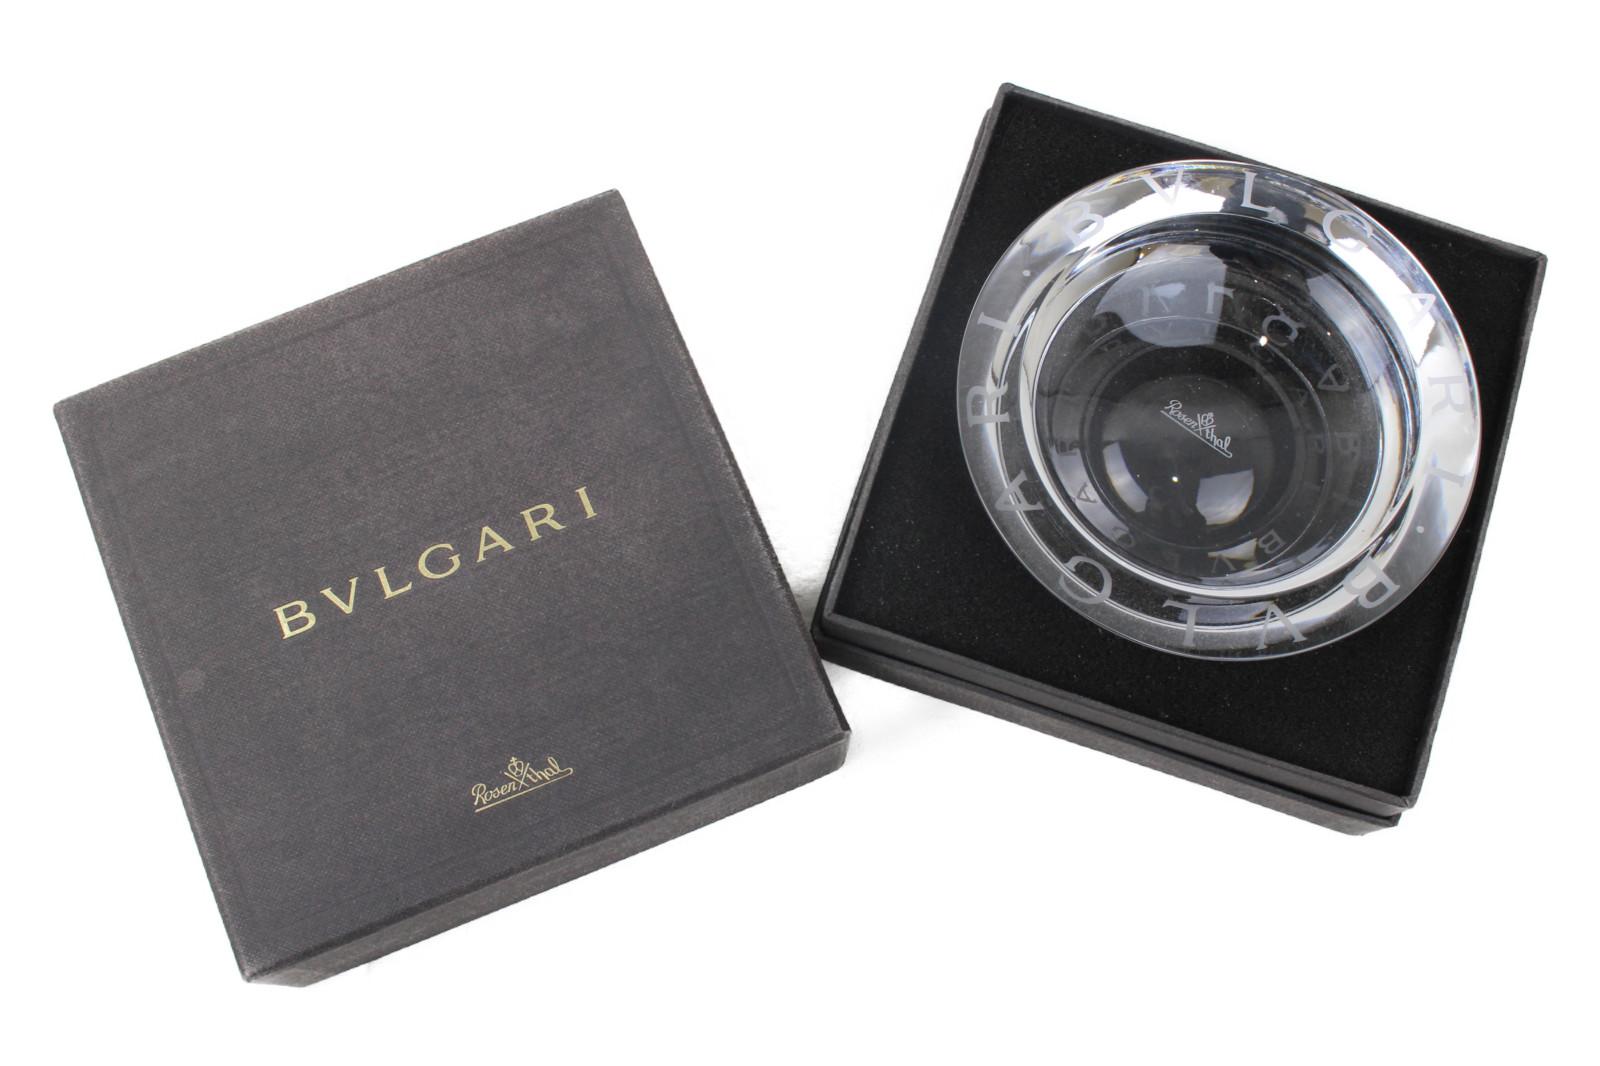 【珍しい!】 BVLGARI ブルガリ ローゼンタール クリスタル 灰皿     レディース ユニセックス メンズ ウィメンズ インテリア 小物 飾り プレゼント ギフト 贈り物 高級 珍しい 置物 【中古】